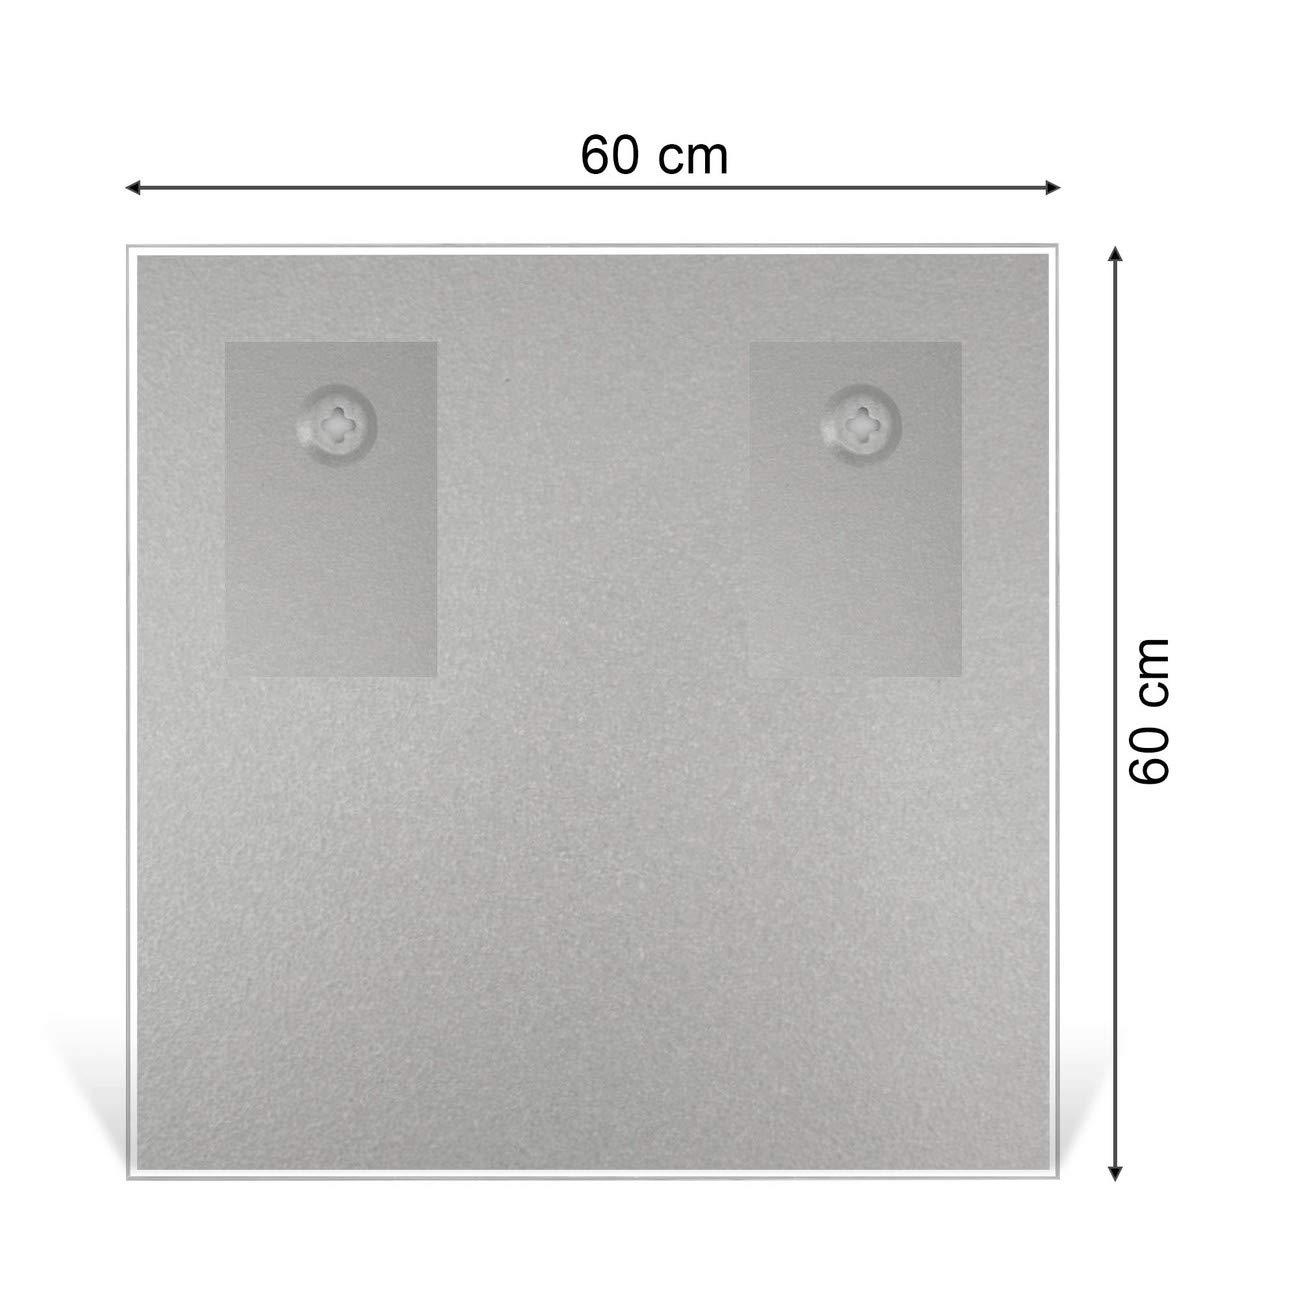 Glastafel mit Motiv Salomon Memoboard mit 4 Magneten BANJADO Glas Magnettafel beschreibbar 50 x 50 cm gro/ß Pinnwand aus Glas magnetisch Glas Magnettafel